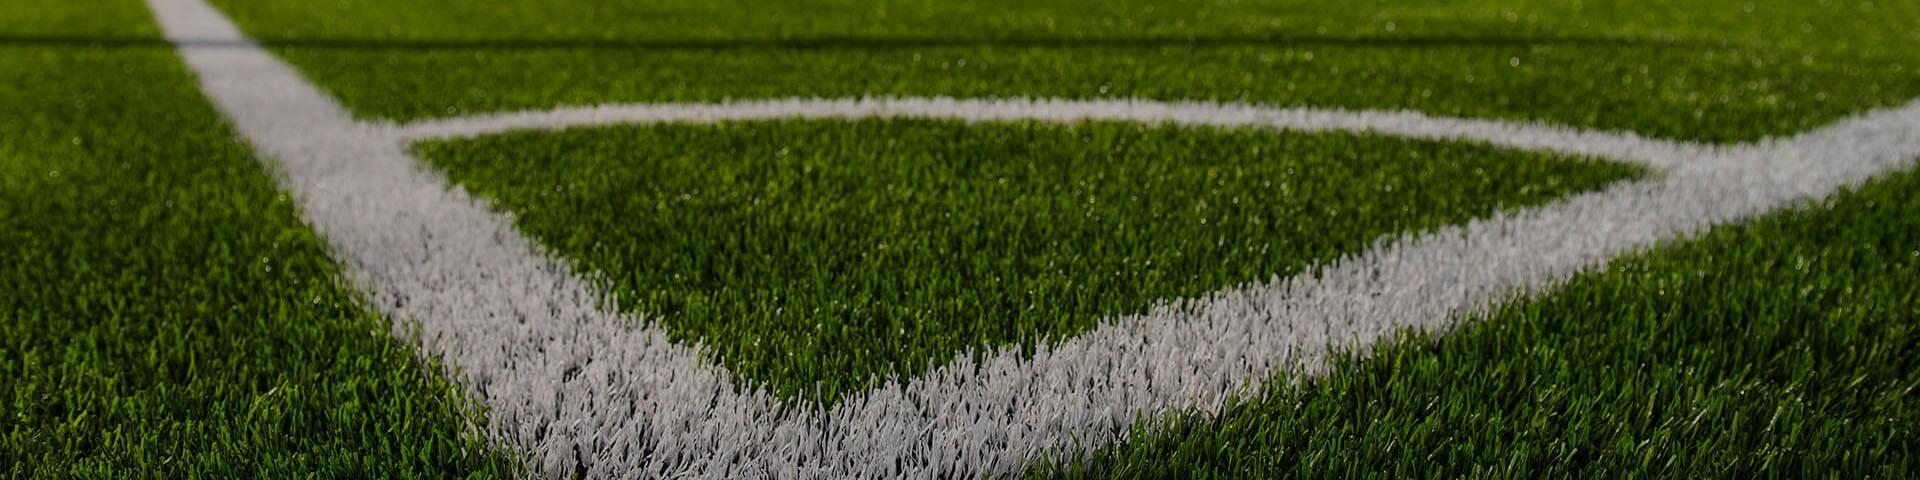 Achat et vente de gazon synthétique pour Football pas cher